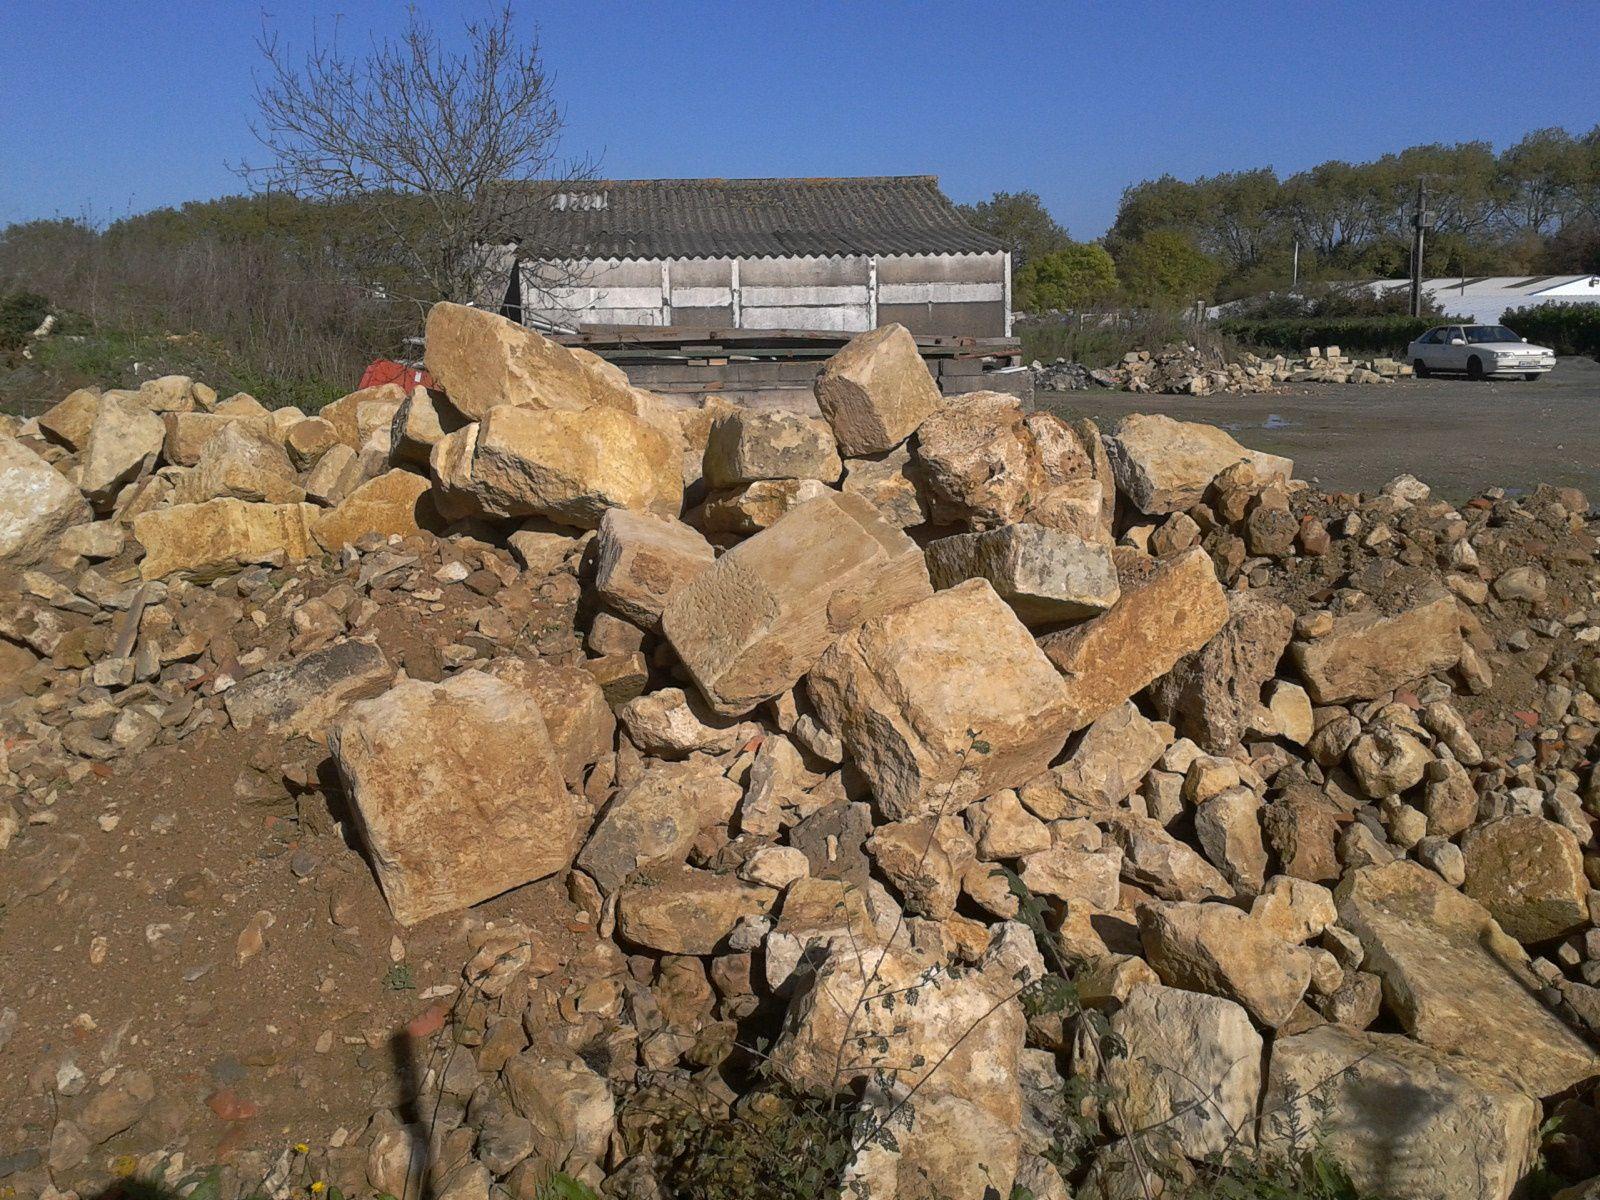 De la travée démolie, il ne reste que des gravats au dépôt municipal.